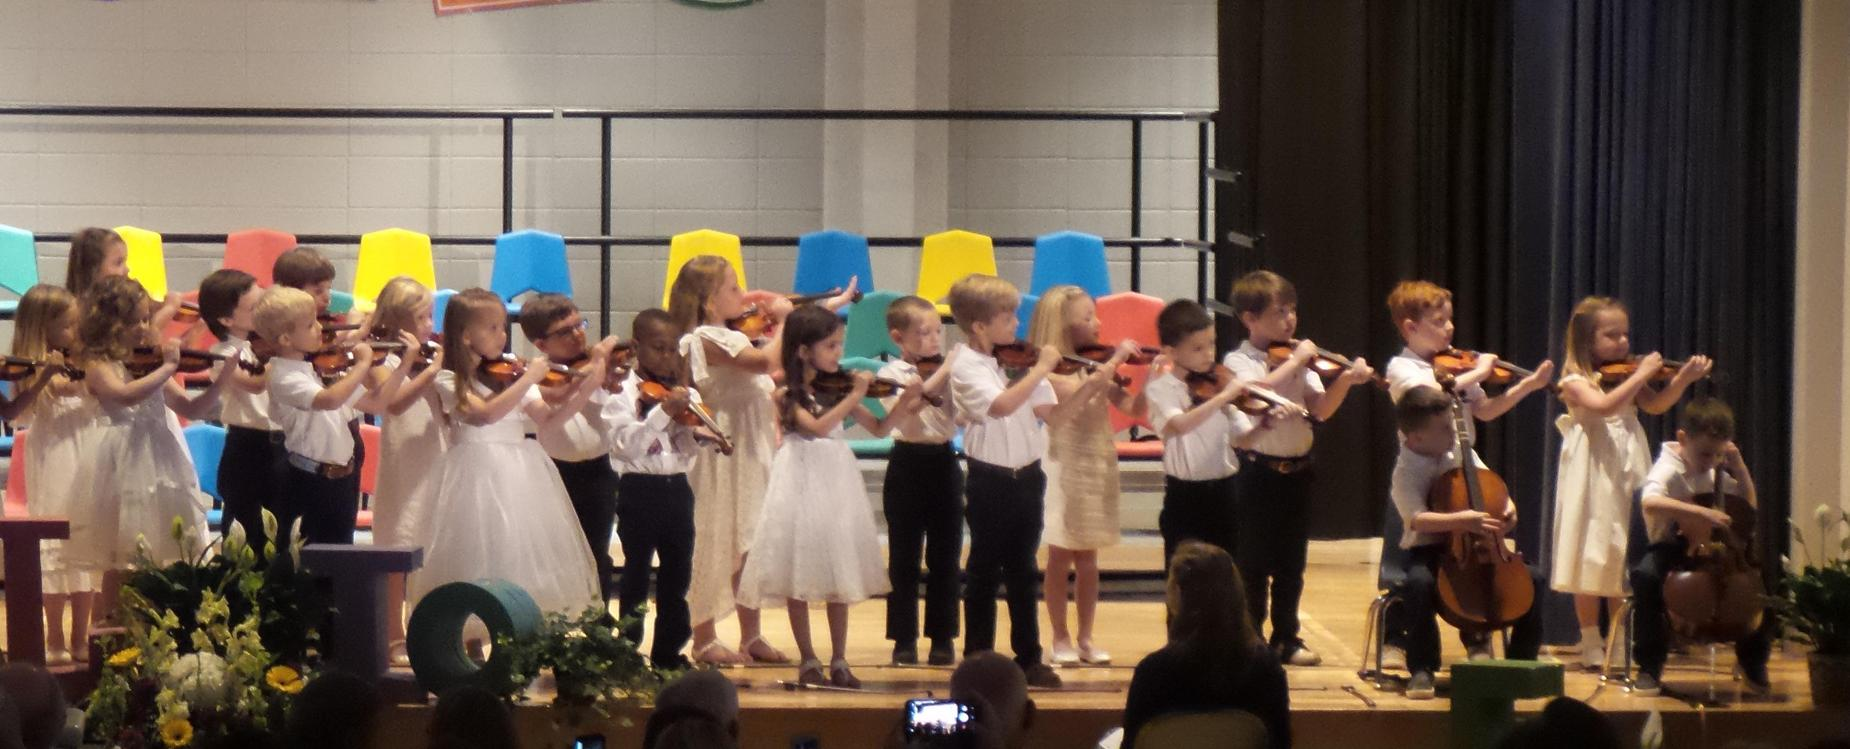 2018 kindergarten graduation